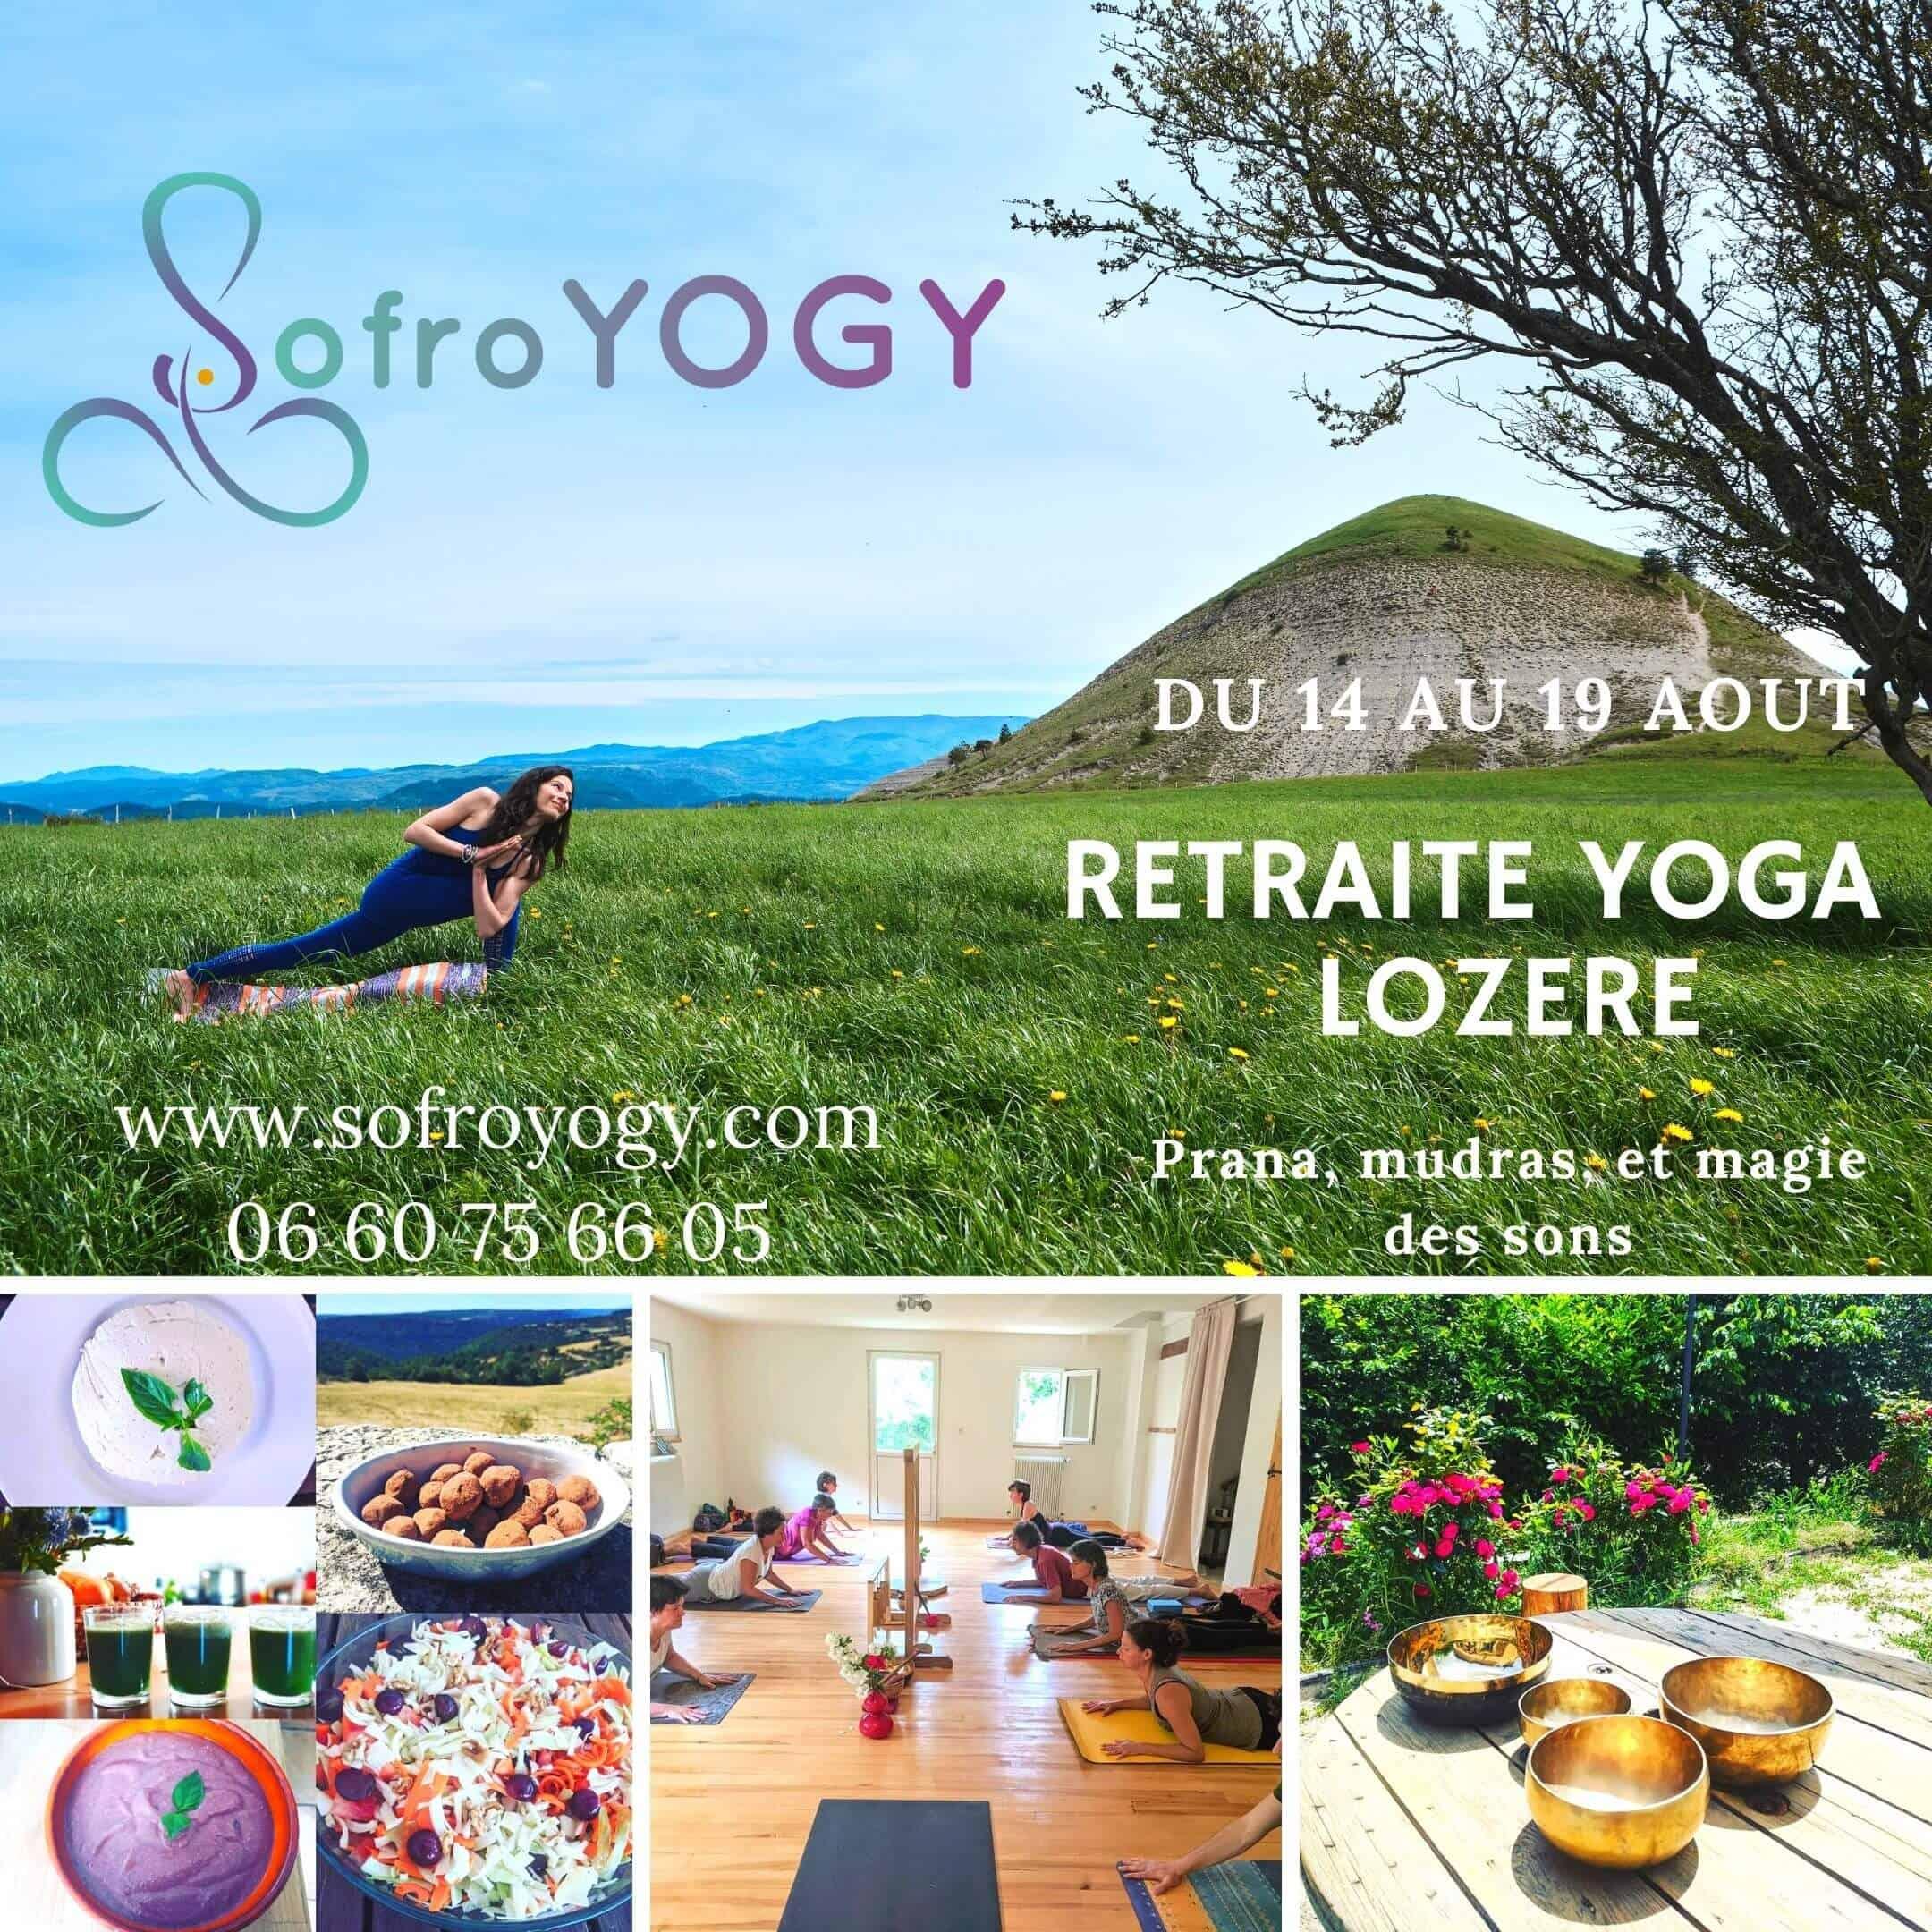 affiche de le retraite d'été Yoga